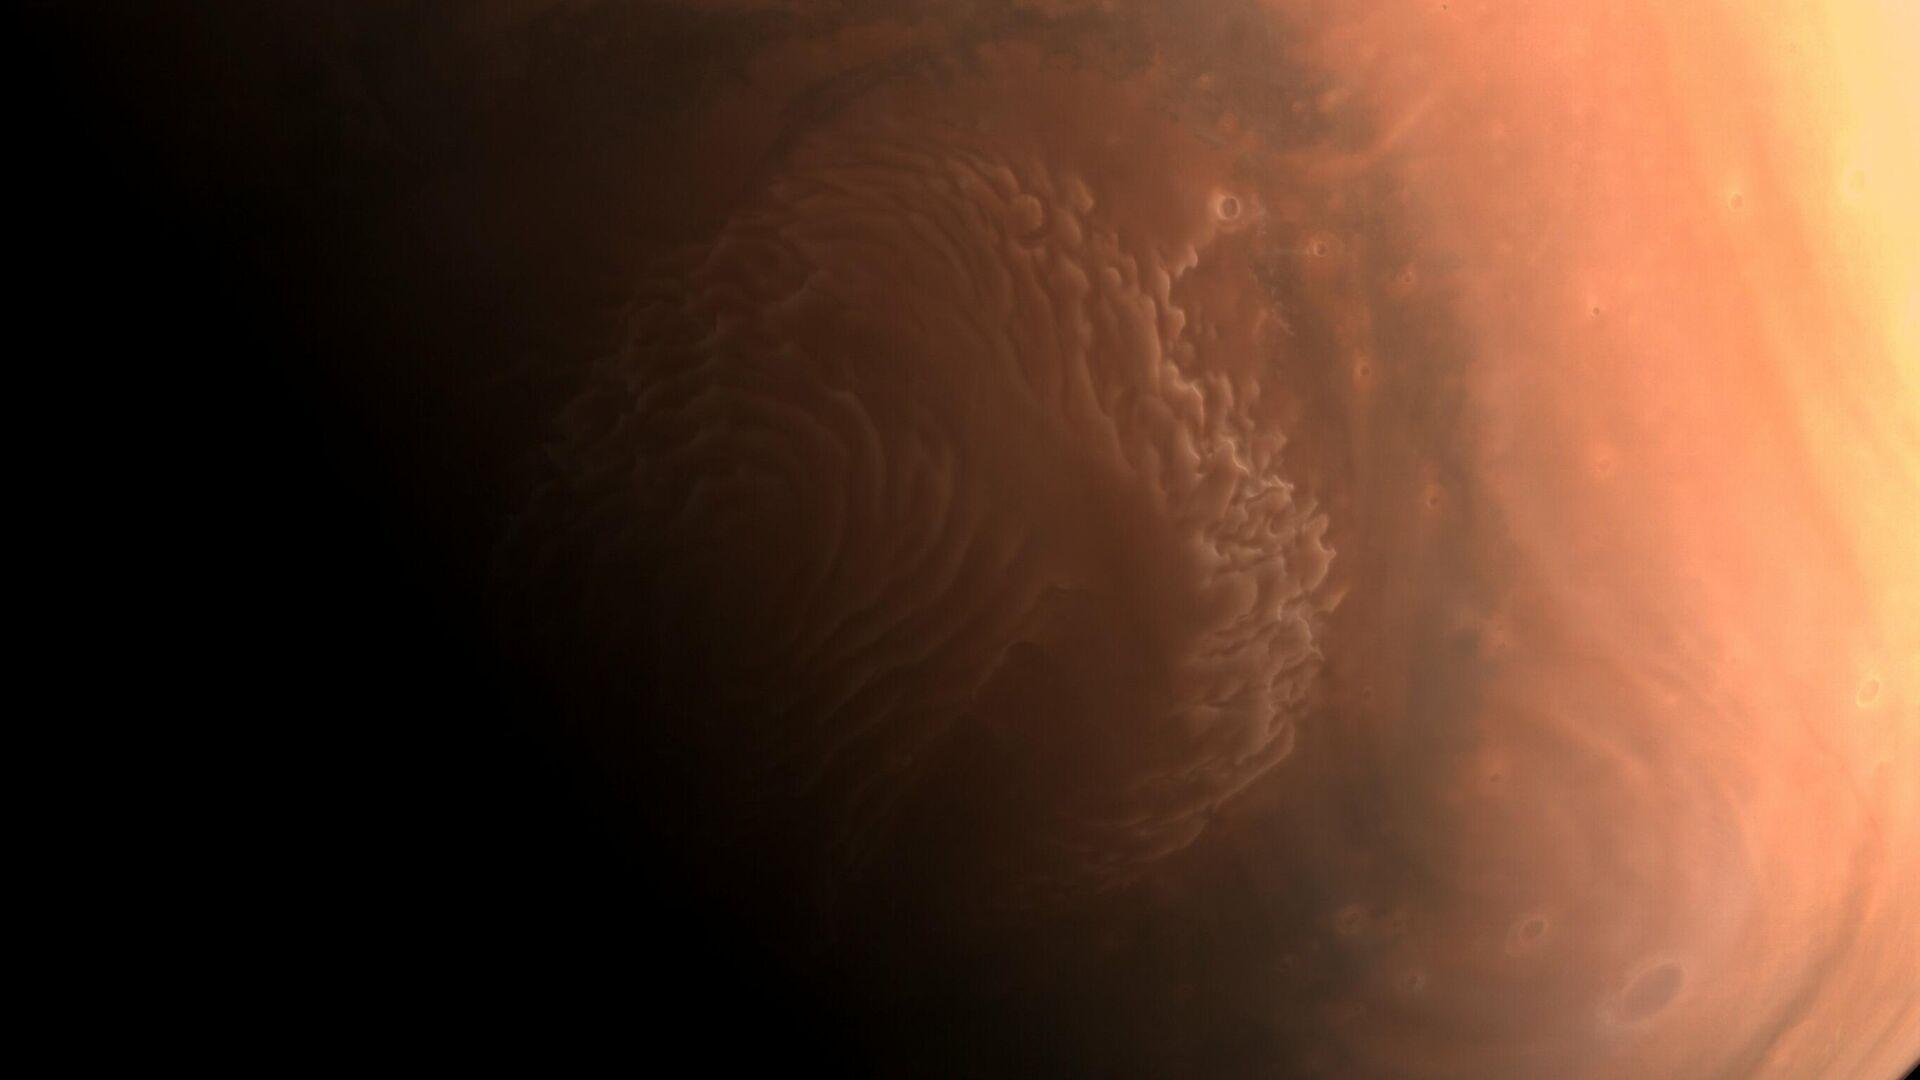 Снимки Марса, сделанные зондом Тяньвэнь-1 - РИА Новости, 1920, 04.03.2021